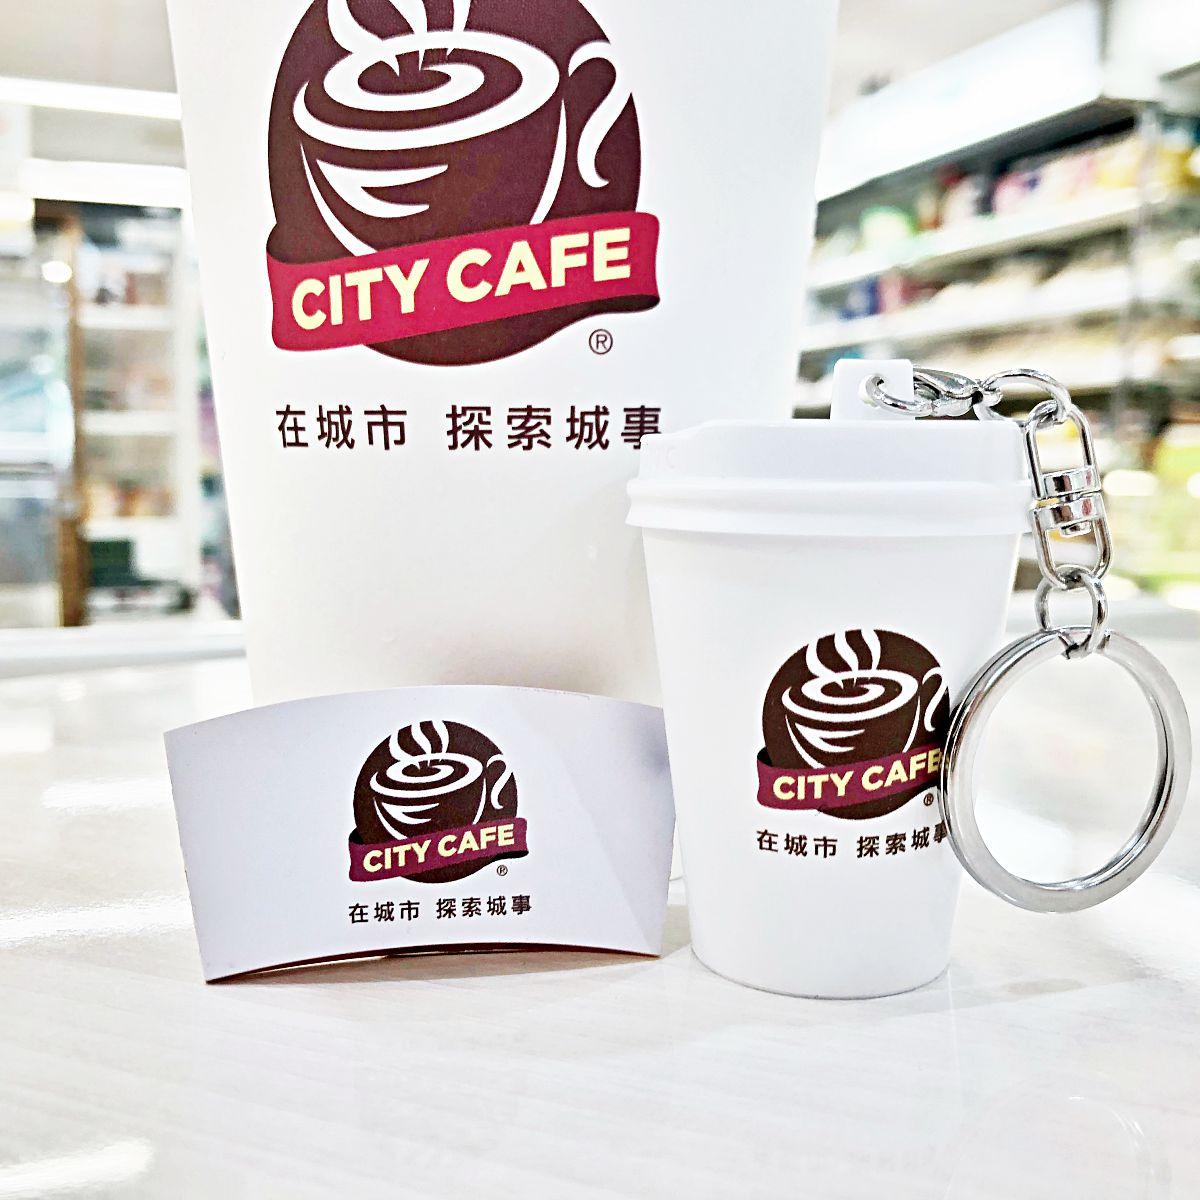 咖啡迷必備!小七咖啡杯變「CITY CAFE立體造型杯」icash2.0,還有專屬杯套超Q